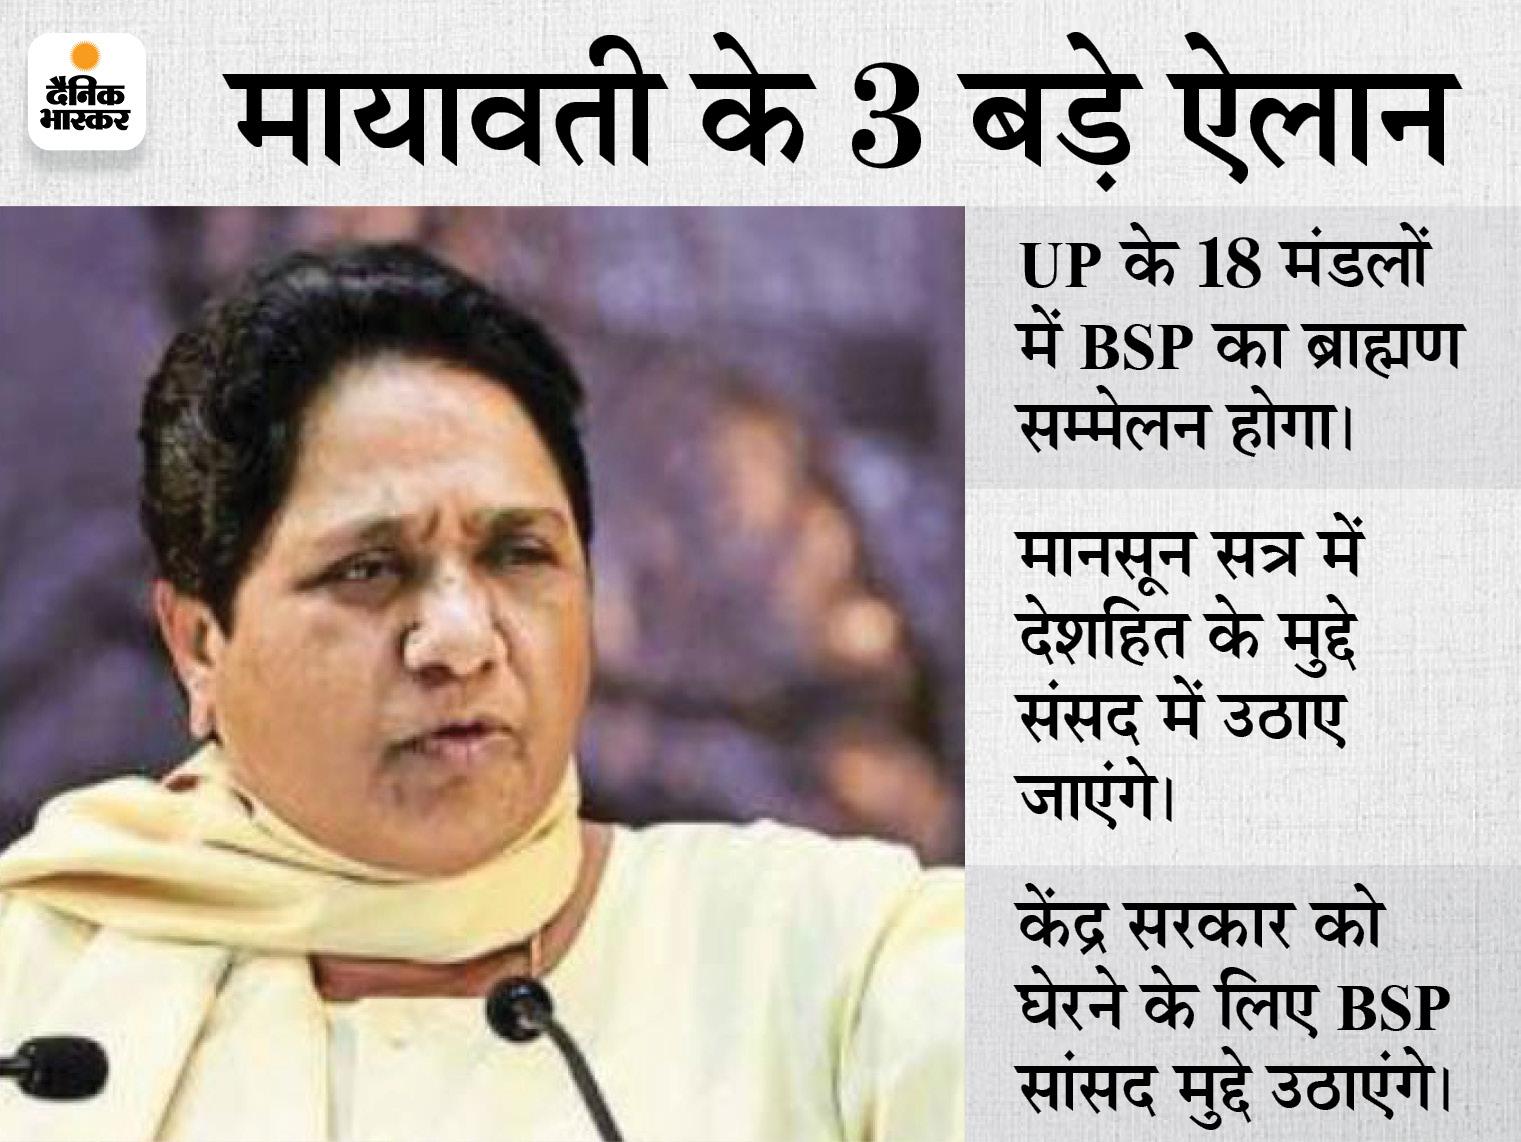 18 मंडलों में ब्राह्मण सम्मेलन कराएगी BSP, अयोध्या से होगा आगाज; बसपा सुप्रीमो बोलीं- ब्राह्मण अब BJP को कभी वोट नहीं देंगे|लखनऊ,Lucknow - Dainik Bhaskar